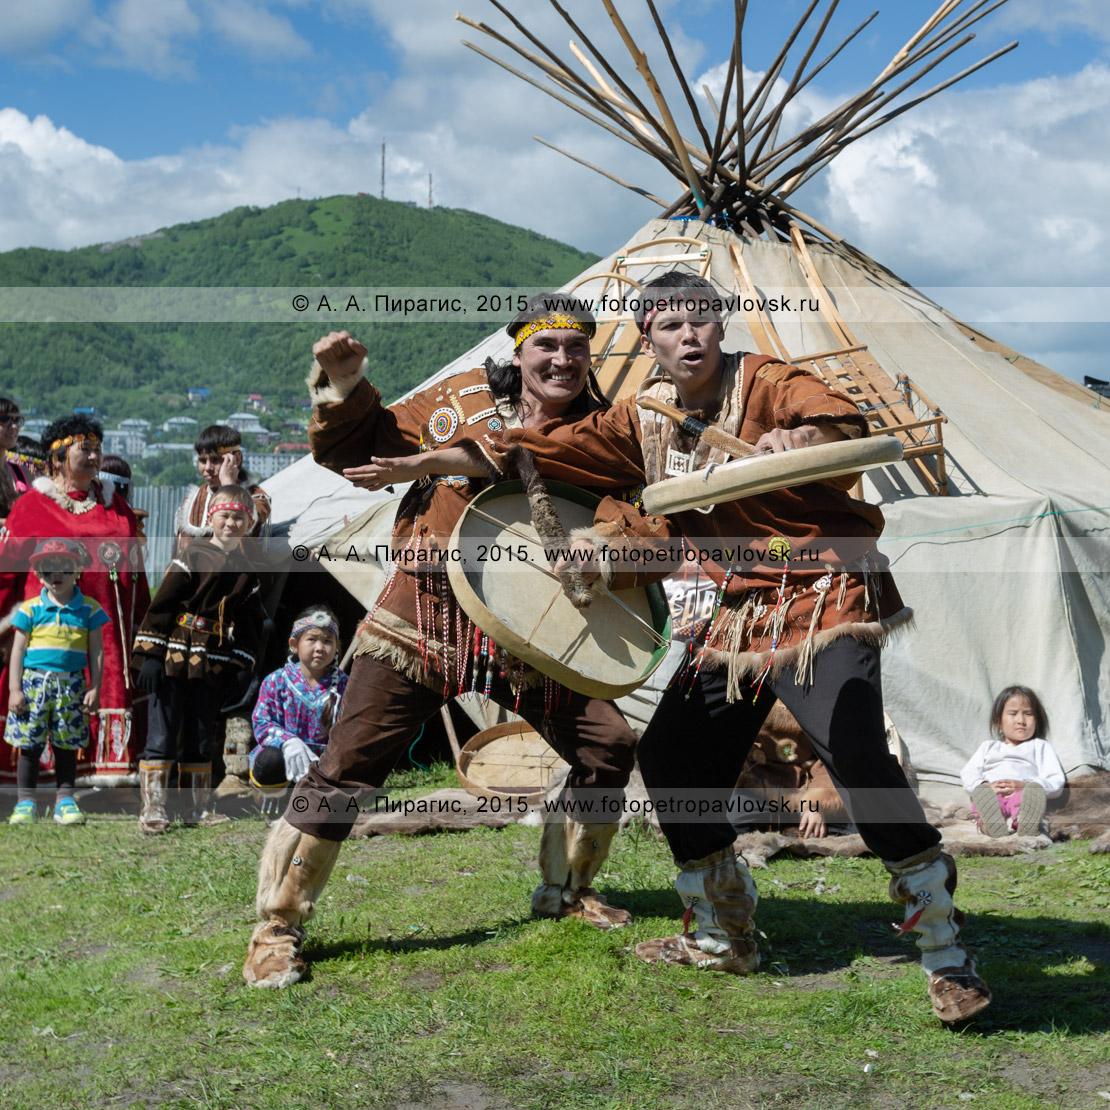 Фотография: мужской танец с бубнами возле яранги в исполнении фольклорного танцевального коллектива коренных народов Камчатки